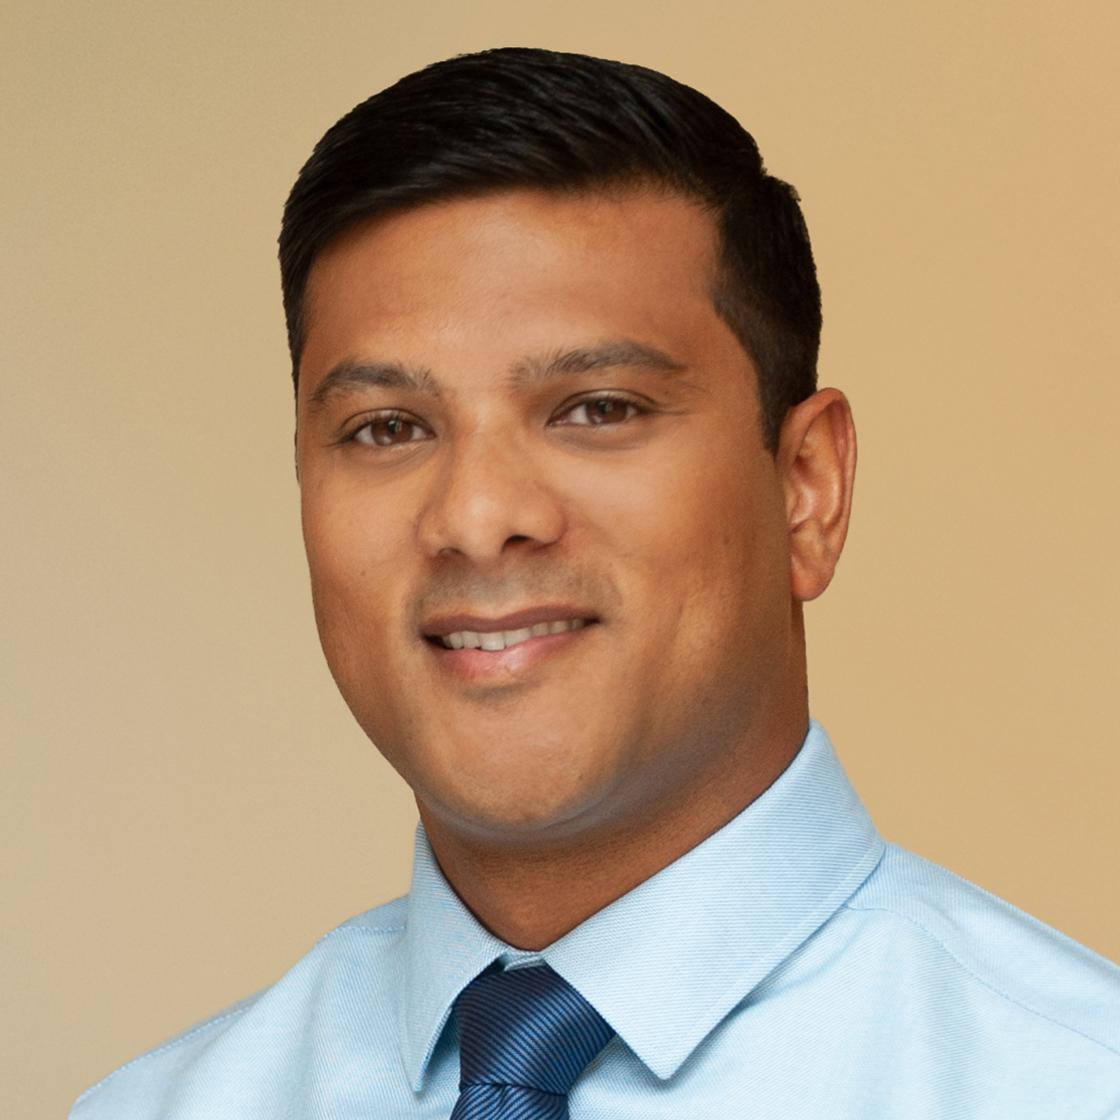 Dr. Akhil Shah